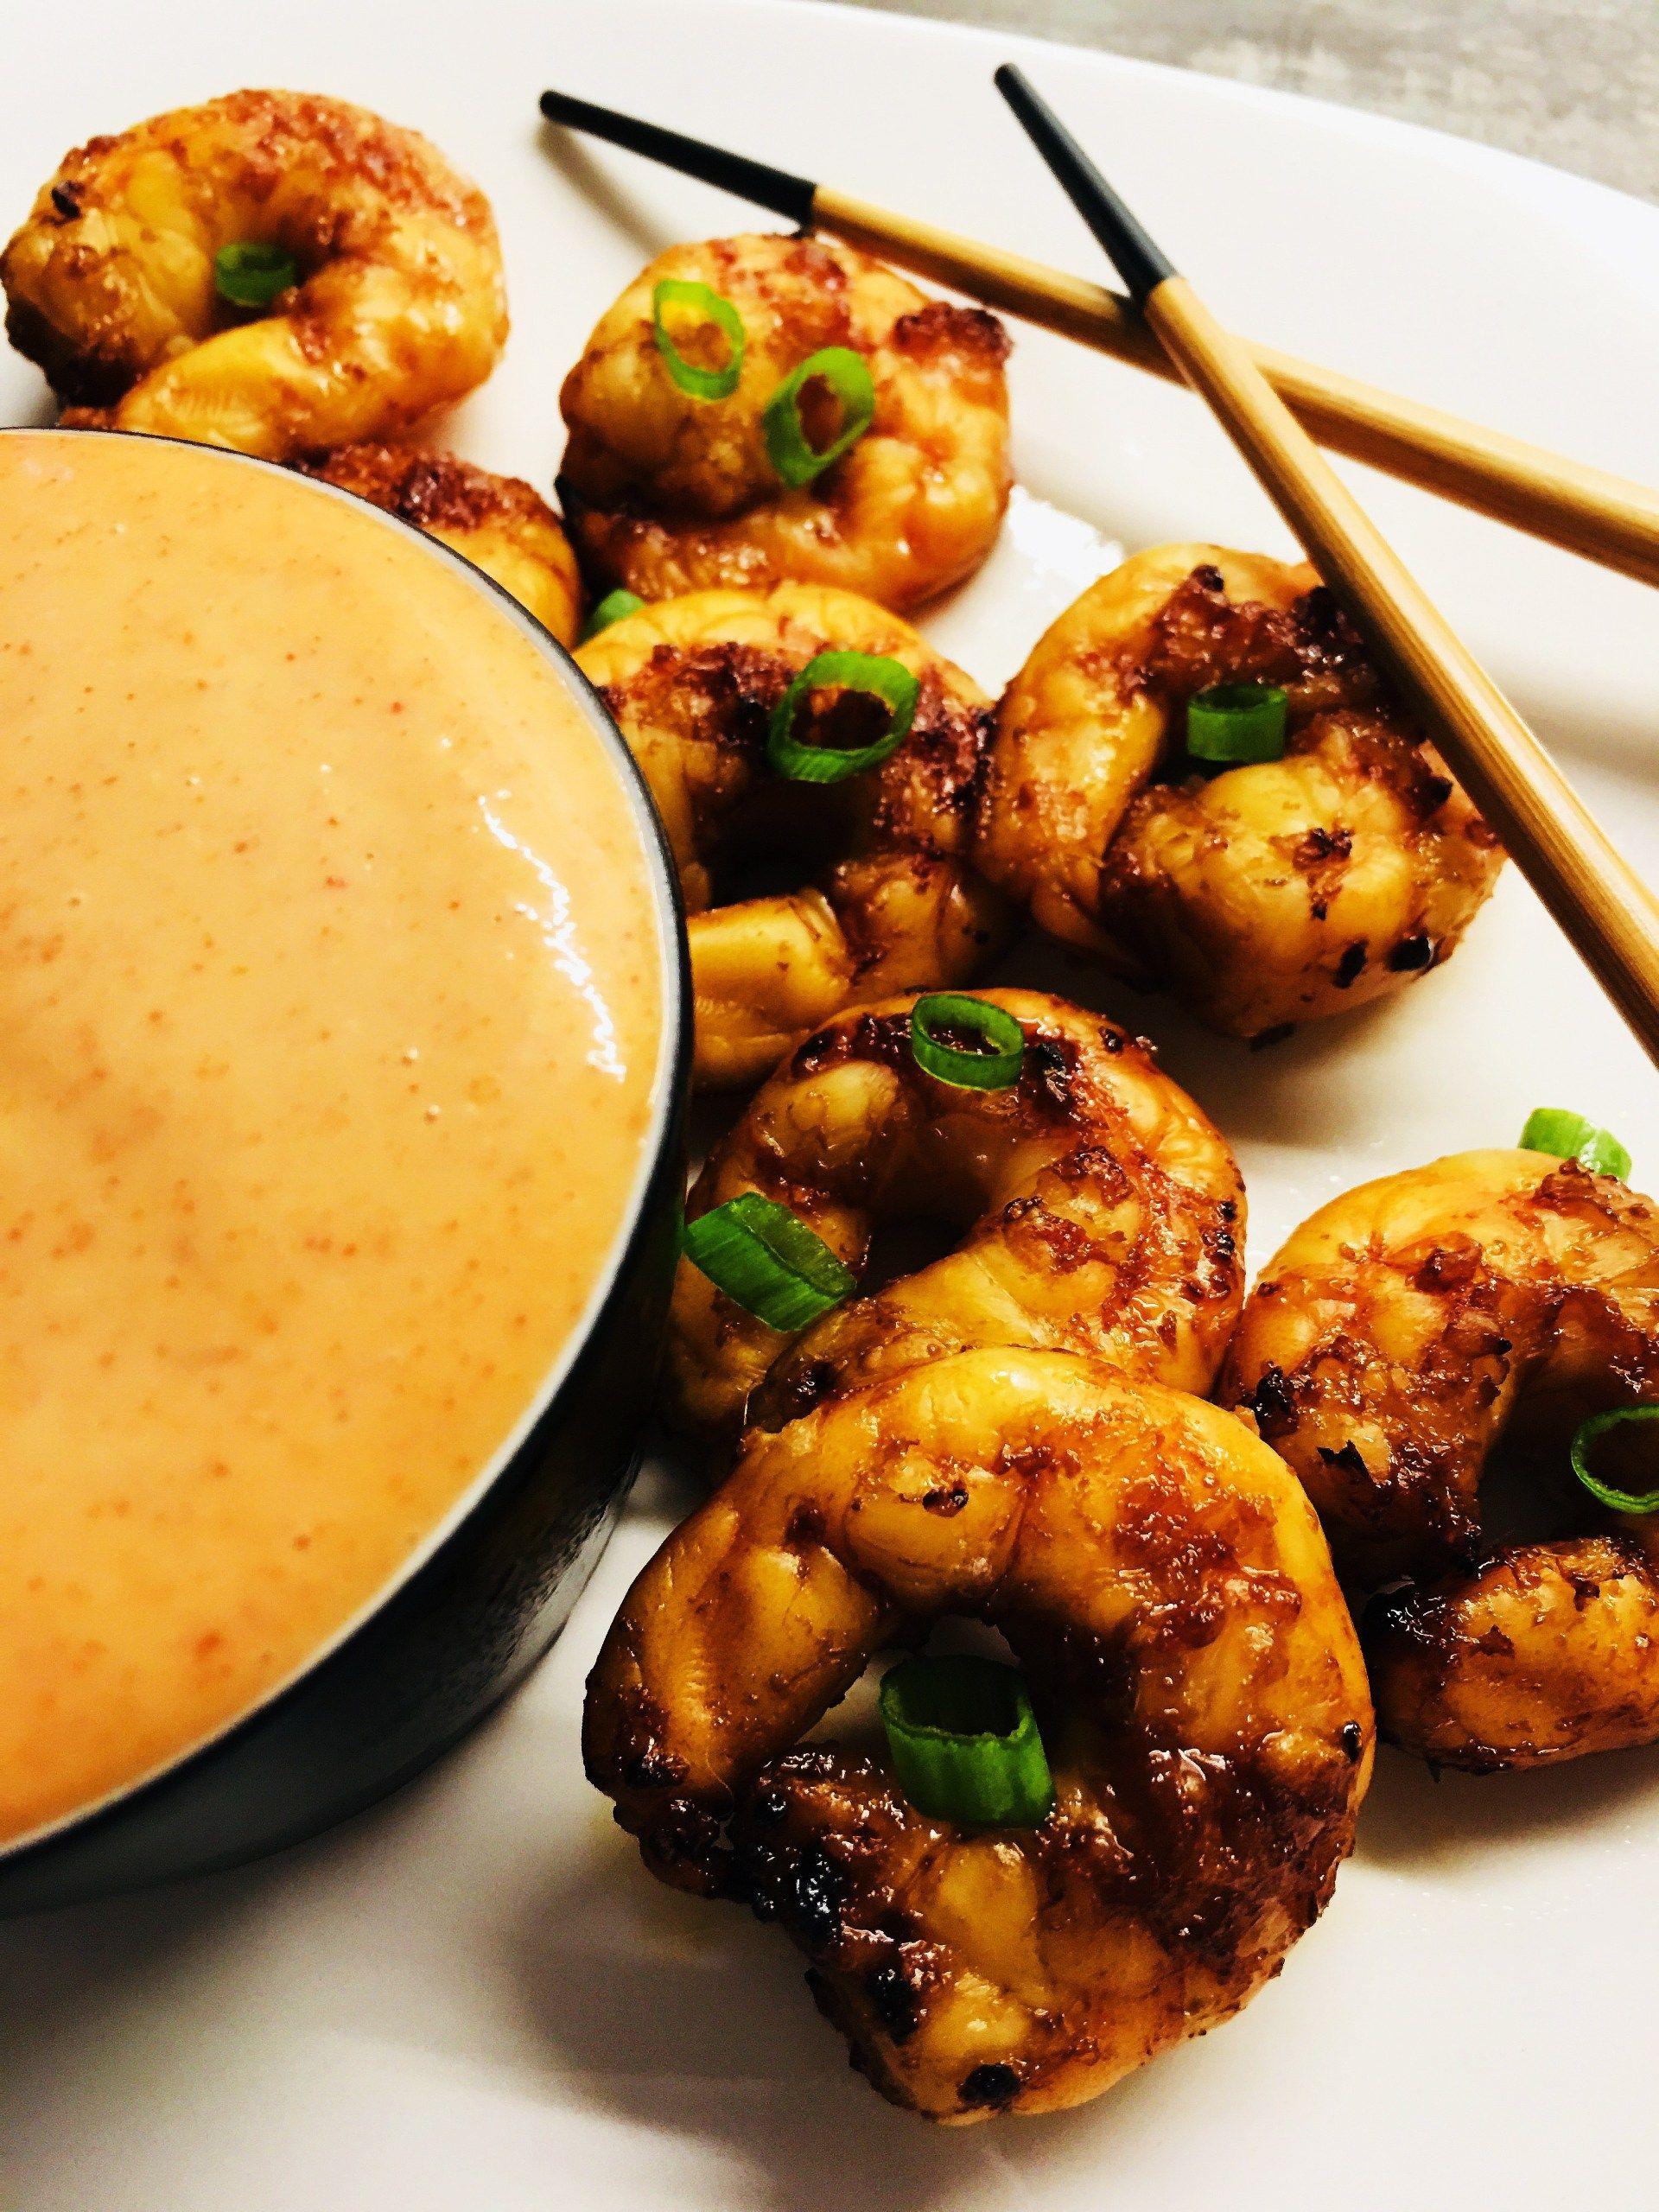 Air Fryer Shrimp with Yum Yum Sauce Recipe Yum yum